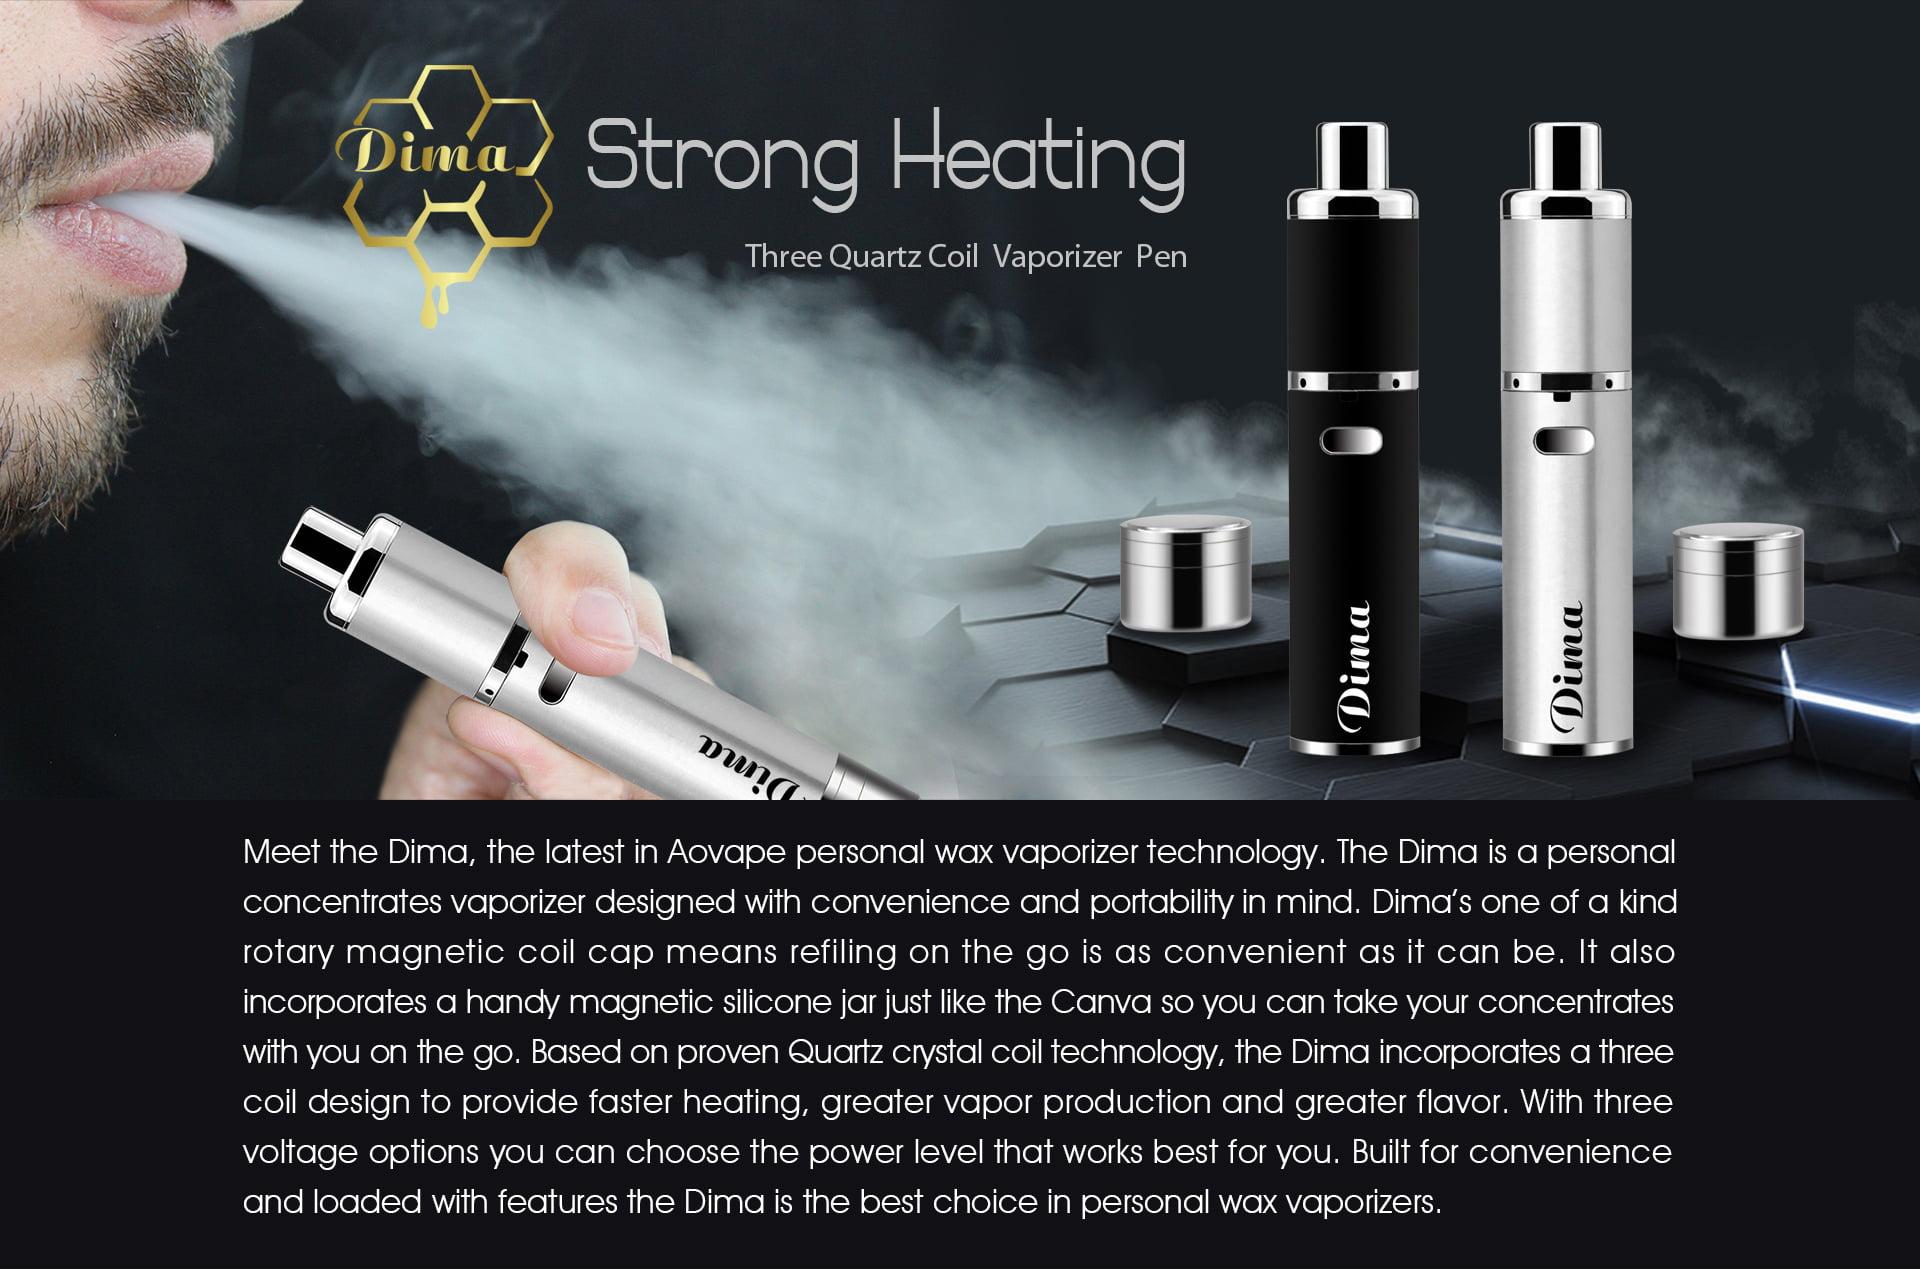 Dima triple quartz coil vaporizer pen